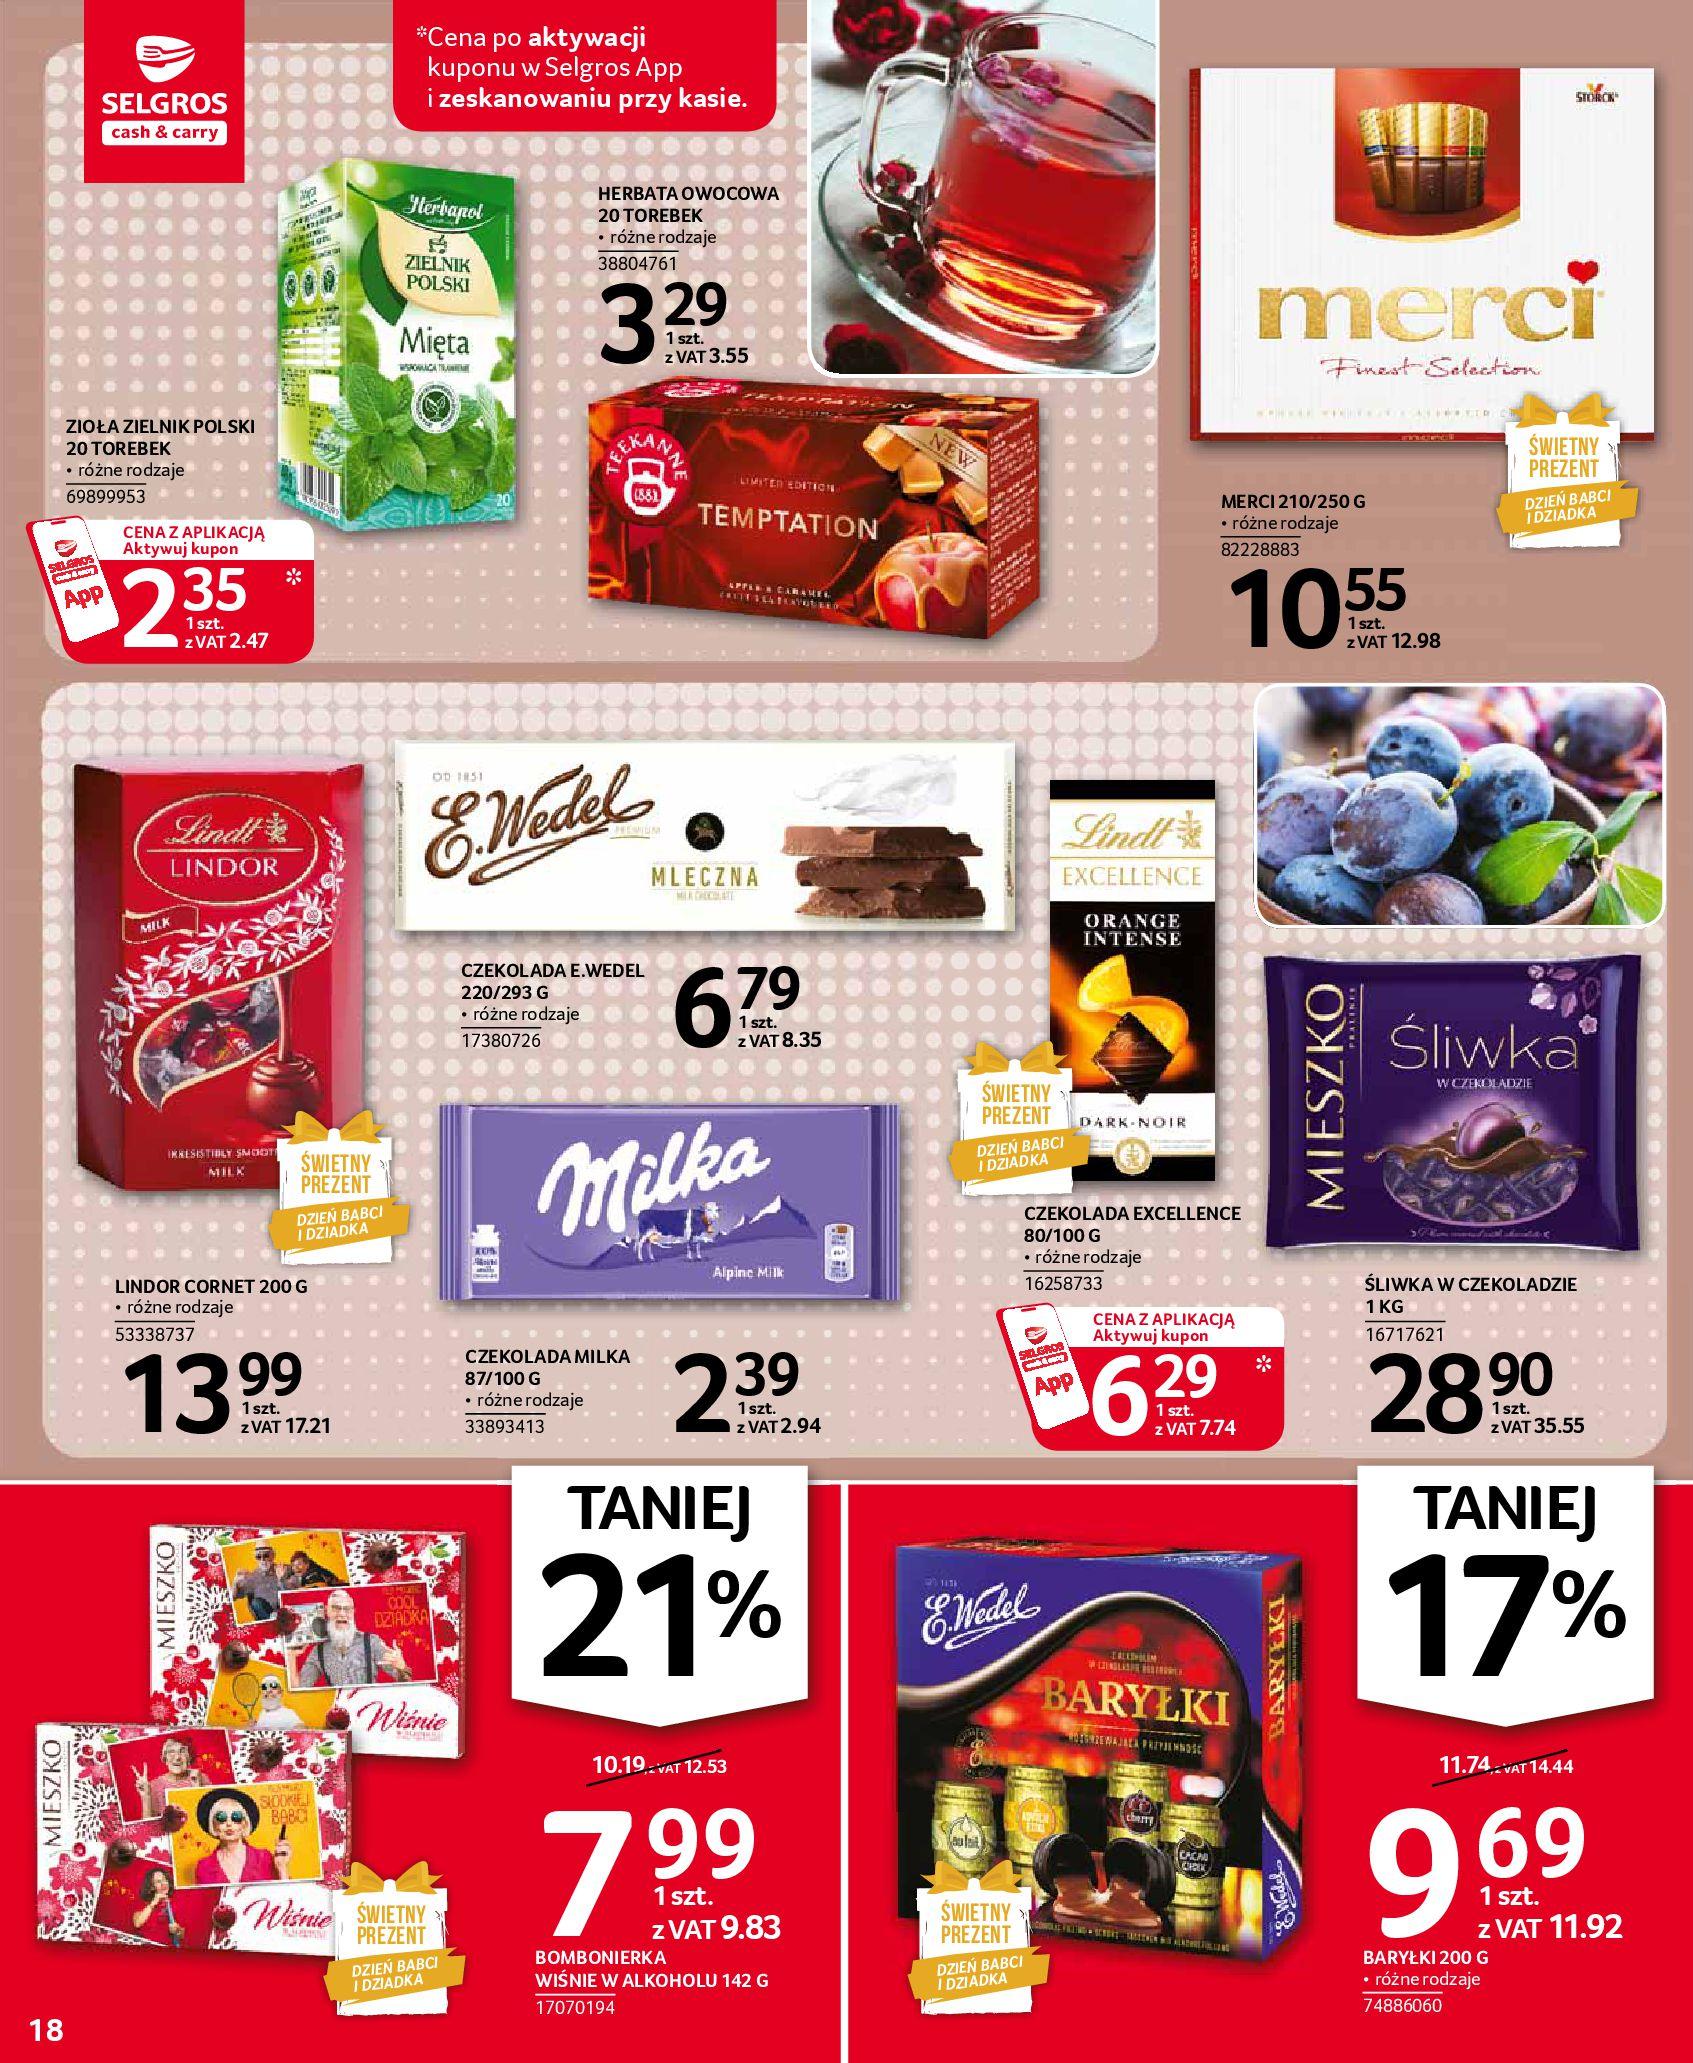 Gazetka Selgros: Oferta spożywcza 2021-01-07 page-18